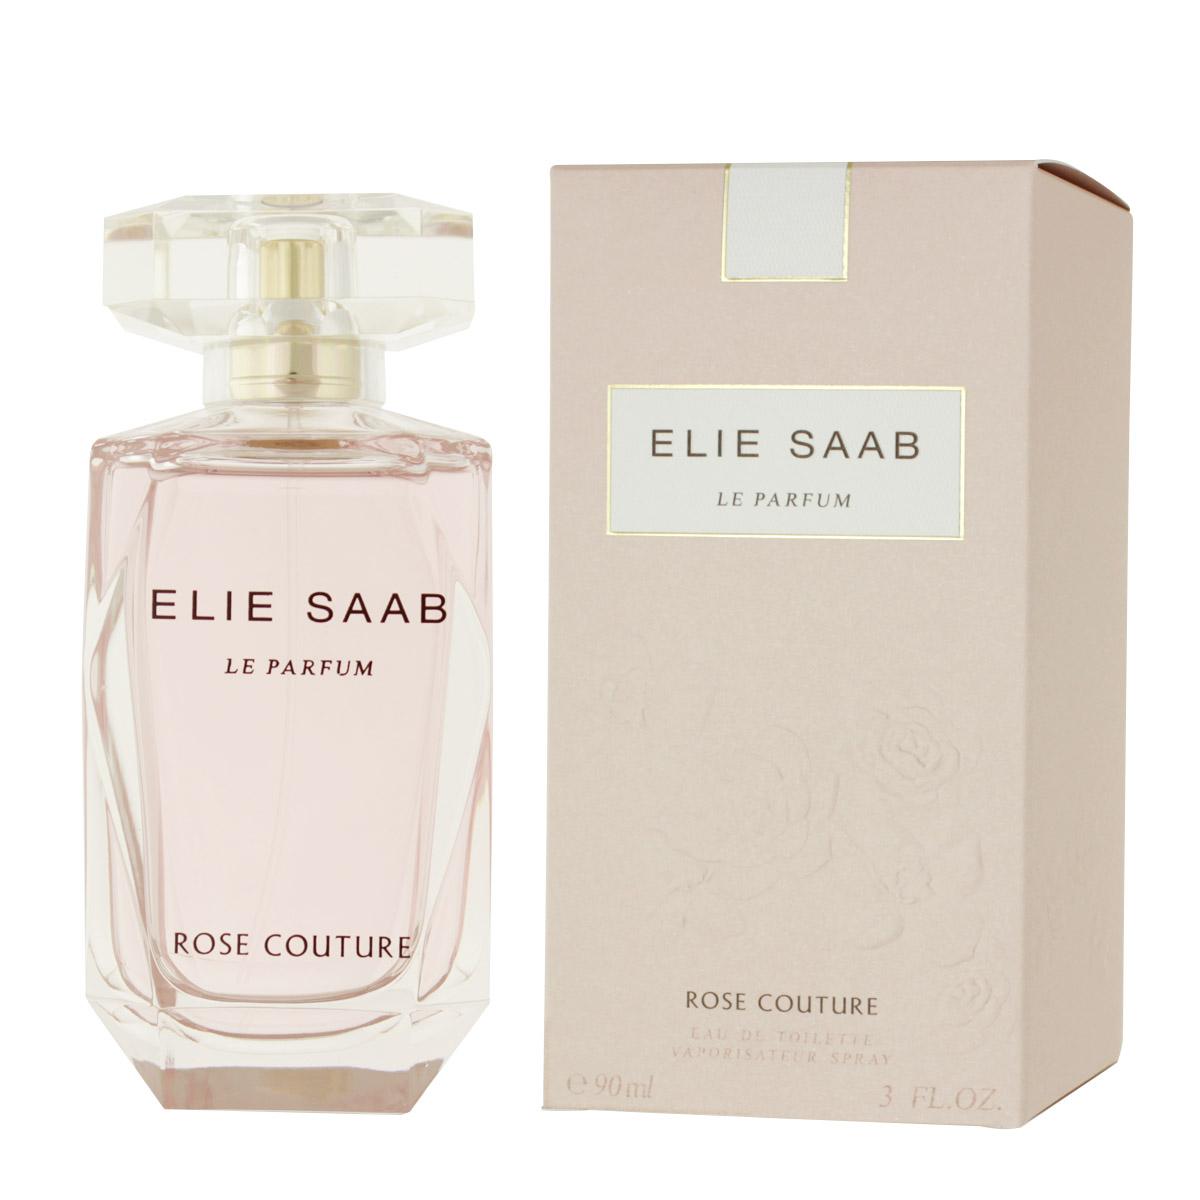 Elie Saab Le Parfum Rose Couture Eau De Toilette 90 ml (woman) 83331